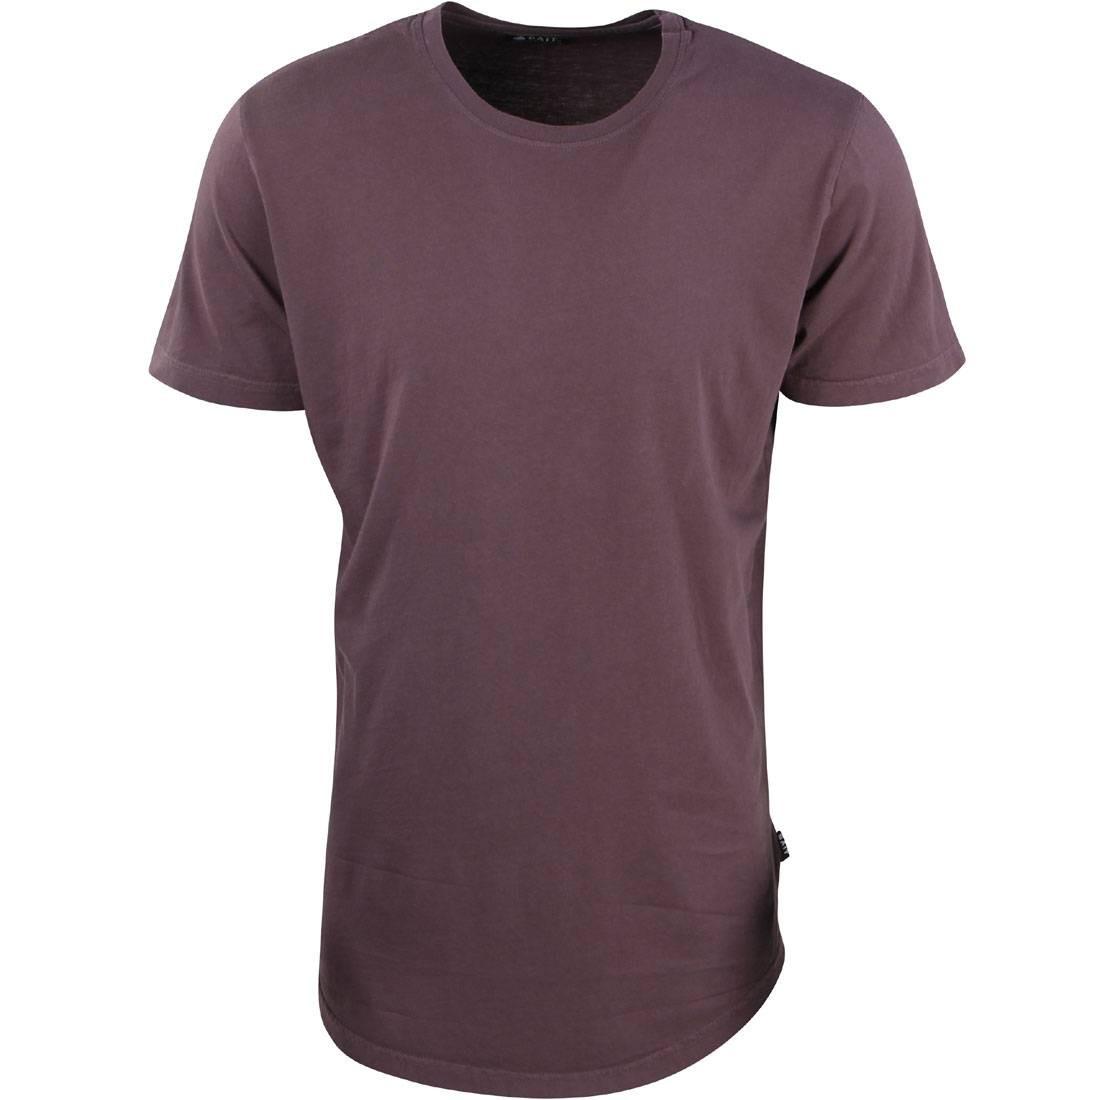 【海外限定】プレミアム Tシャツ メンズファッション トップス 【 PREMIUM BAIT MEN SCALLOP TEE MADE IN LOS ANGELES PURPLE PLUM KITTEN 】